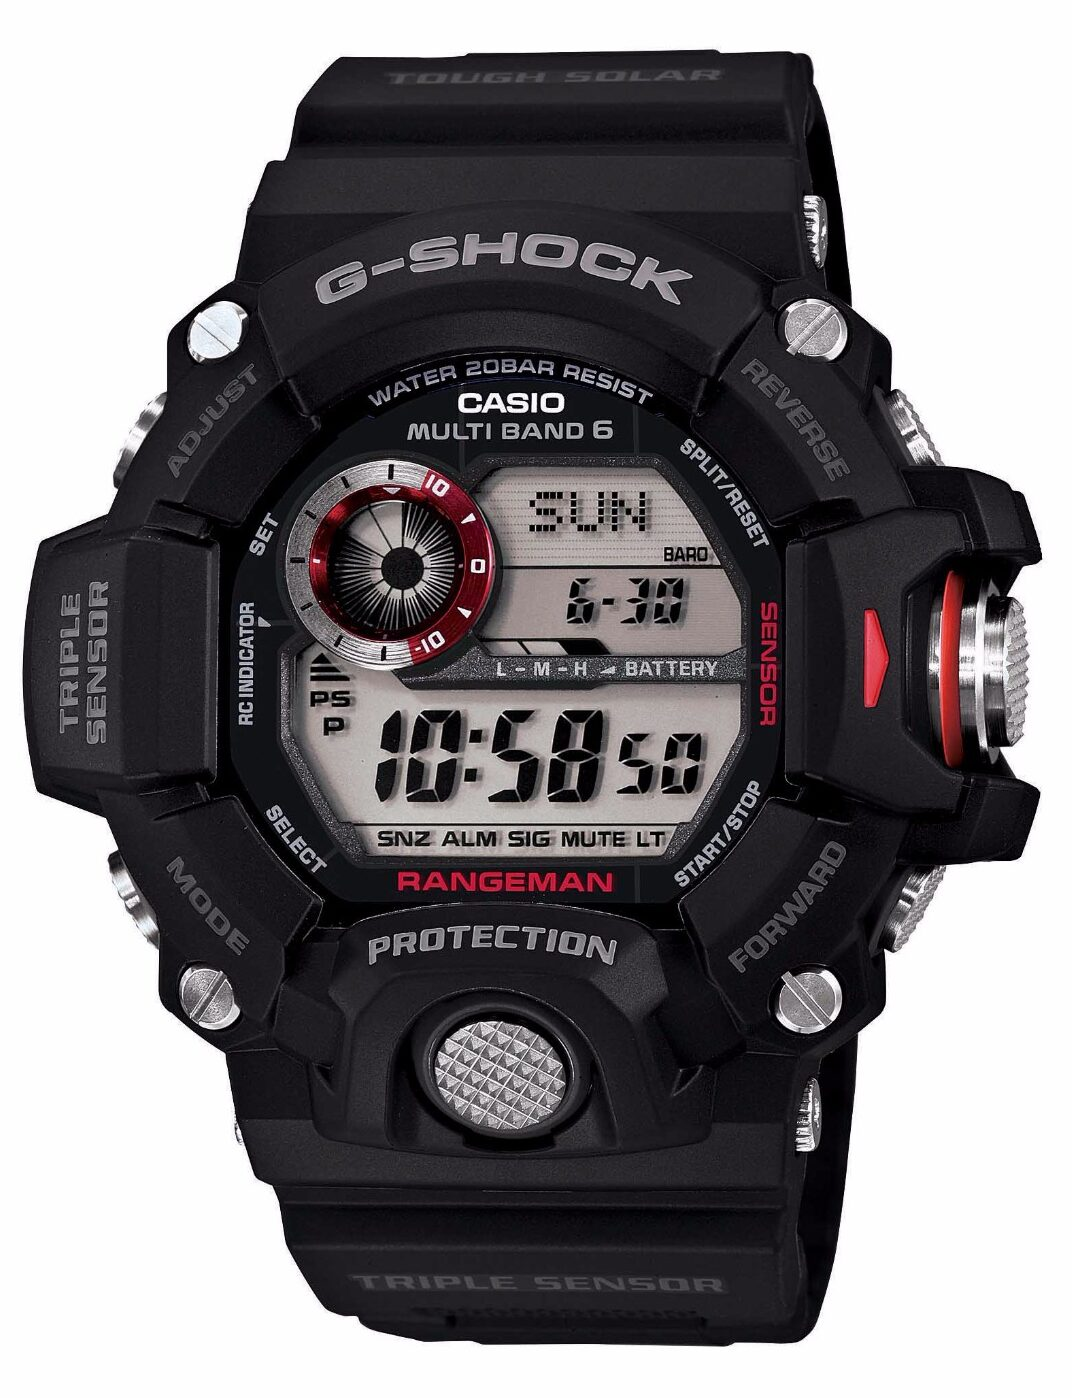 Ηλιακό Ρολόι Casio G-SHOCK RANGEMAN με τριπλό Σένσορα GW-9400-1ER